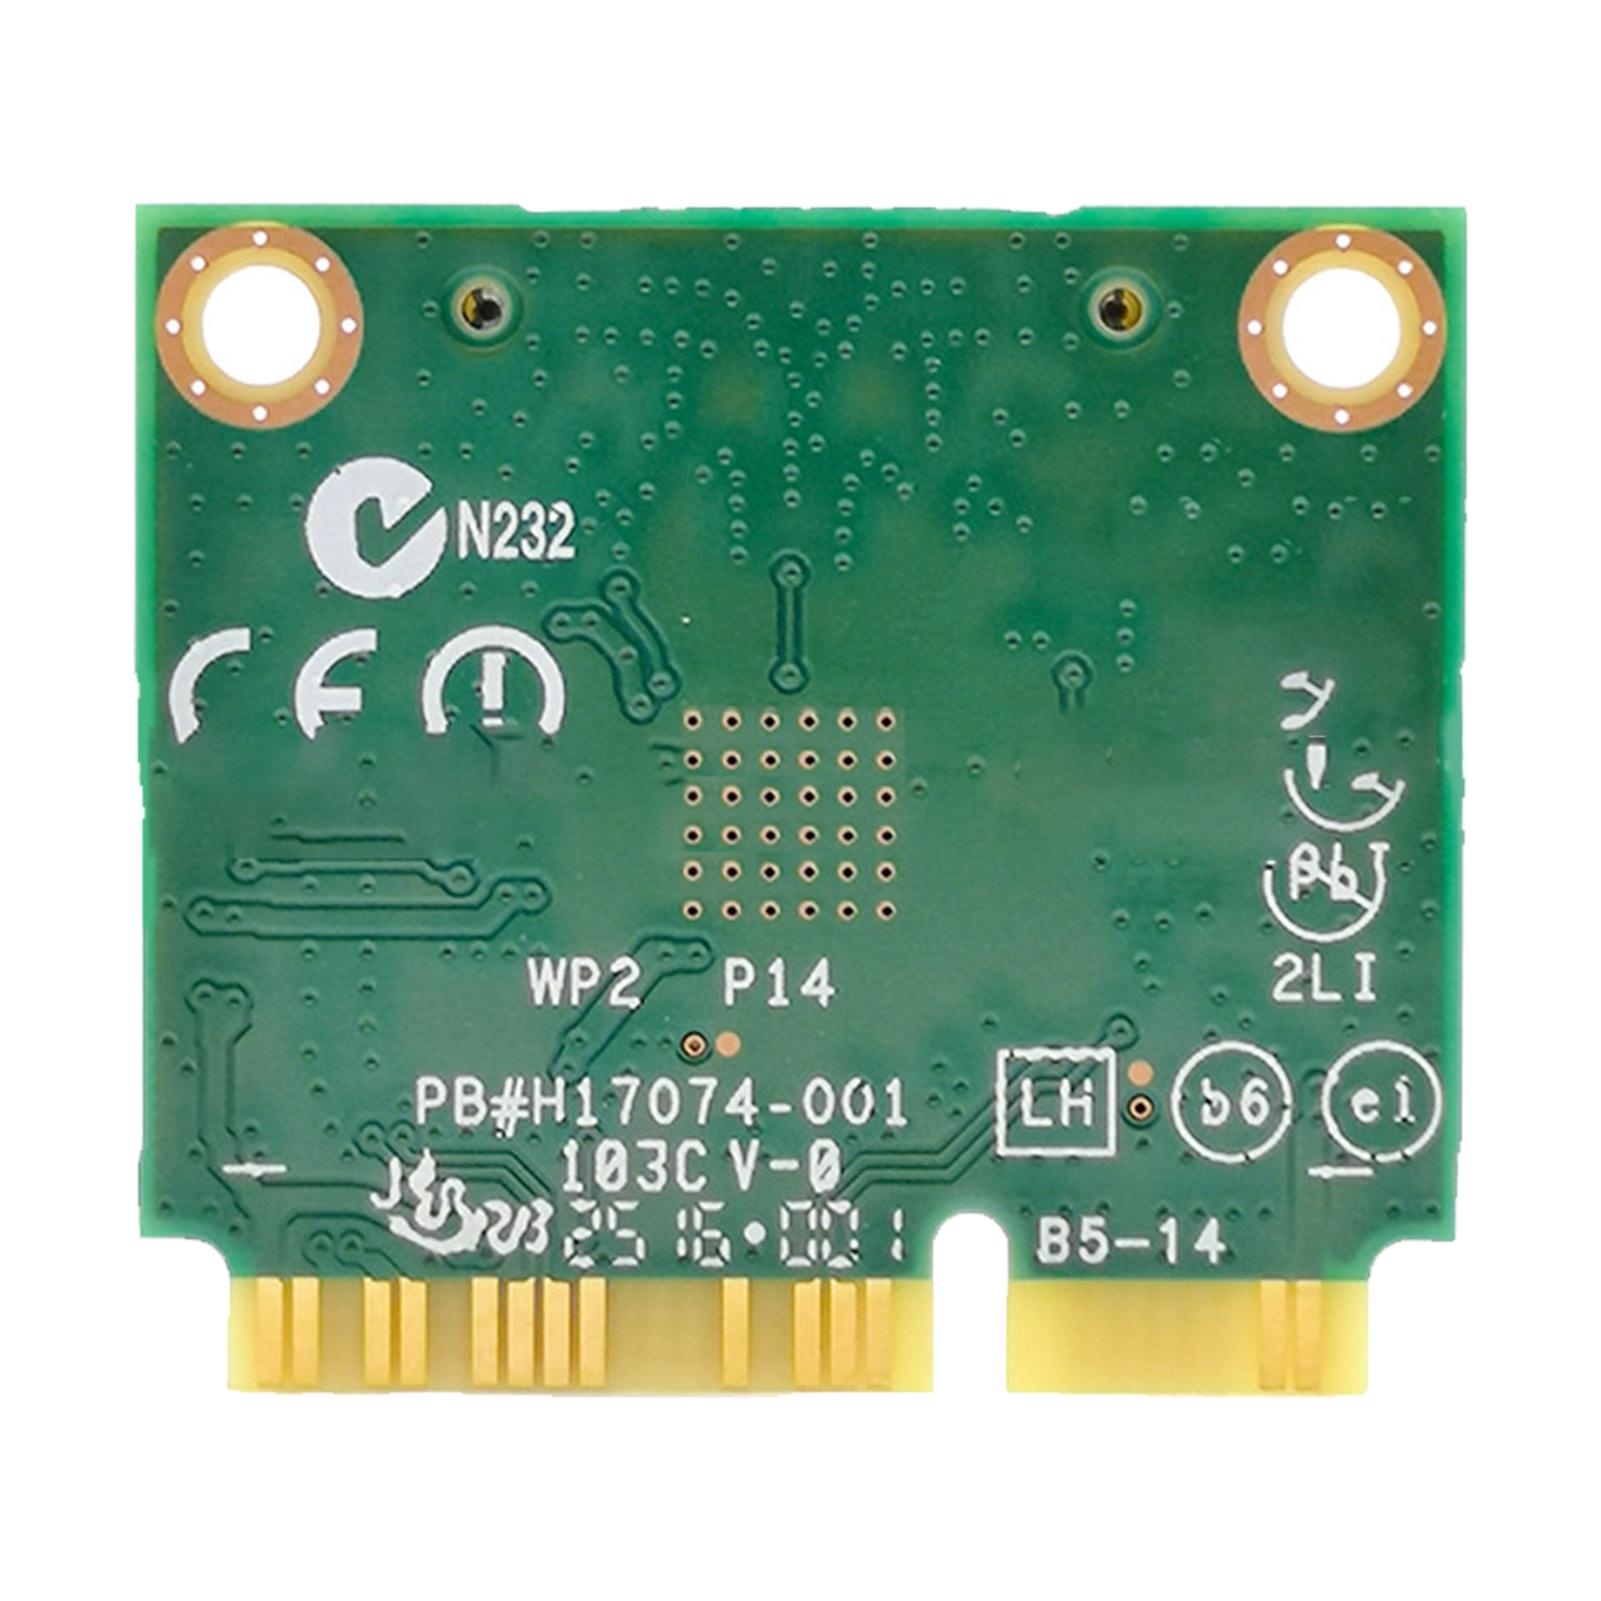 Card Mạng Tiêu Chuẩn Anxinshui Thẻ WLAN 7260AC 1200M 5G Nhẹ Bao Phủ Thực Tế, Cho Máy Tính Xách Tay thumbnail